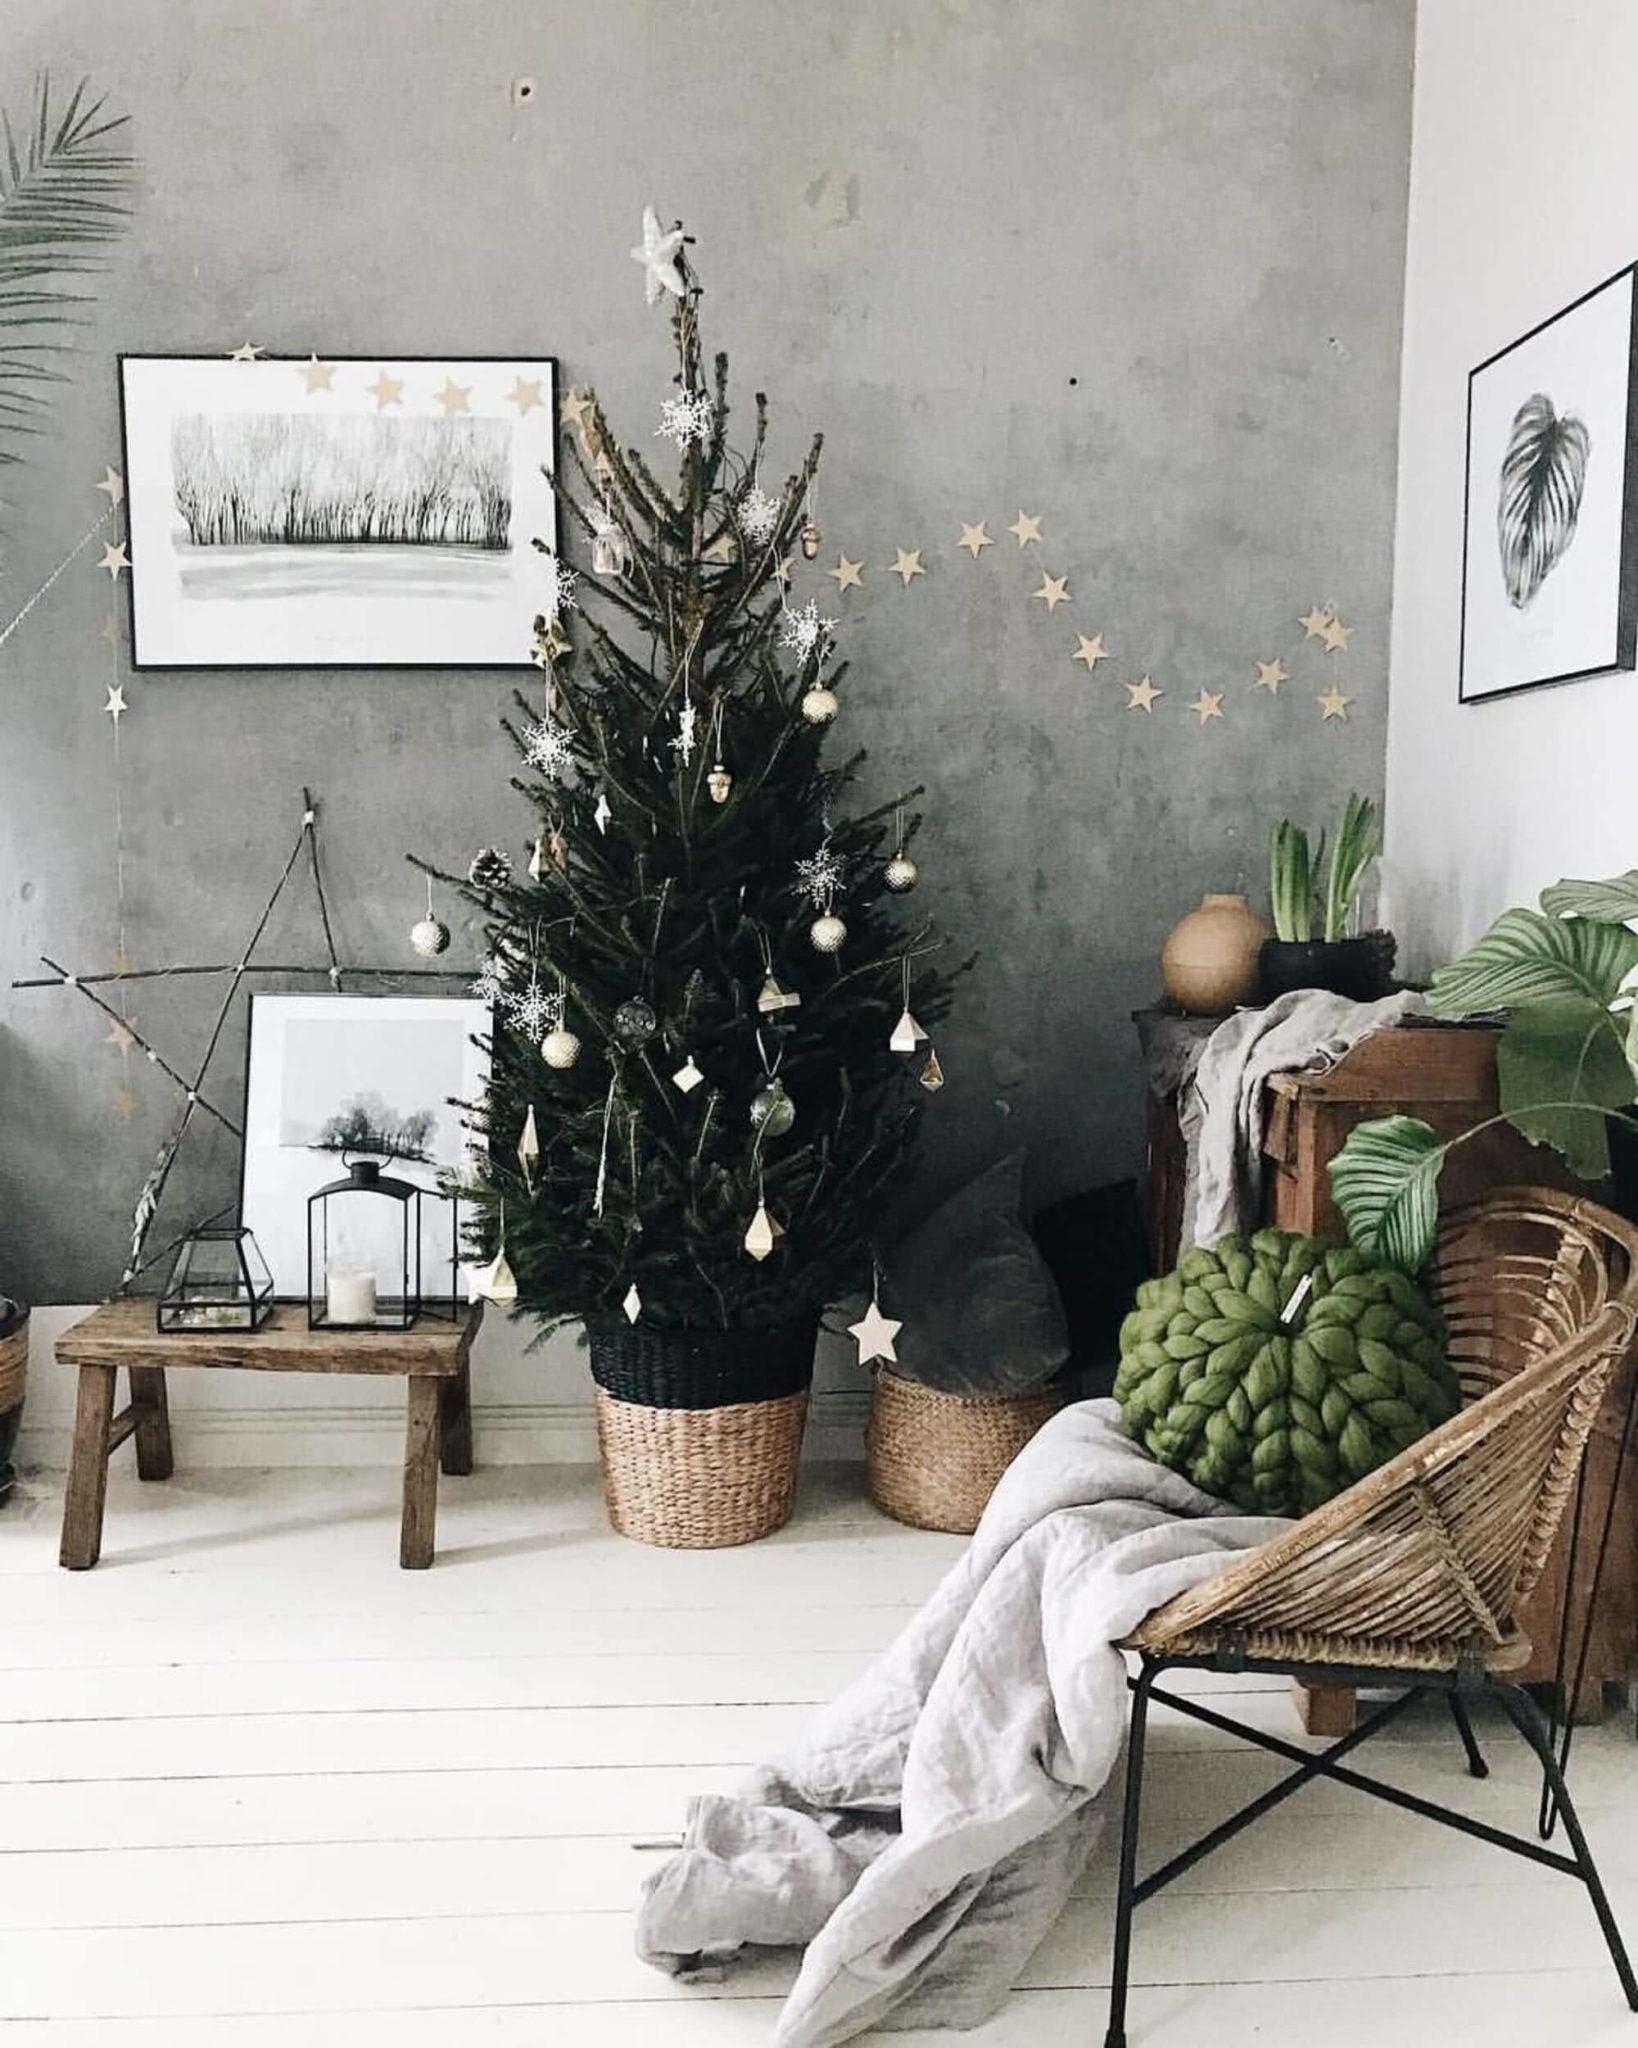 un salon a la deco de noel Noël Green et zéro déchet 1638x2048 - Zoom sur la tendance Noël Green et zéro déchet